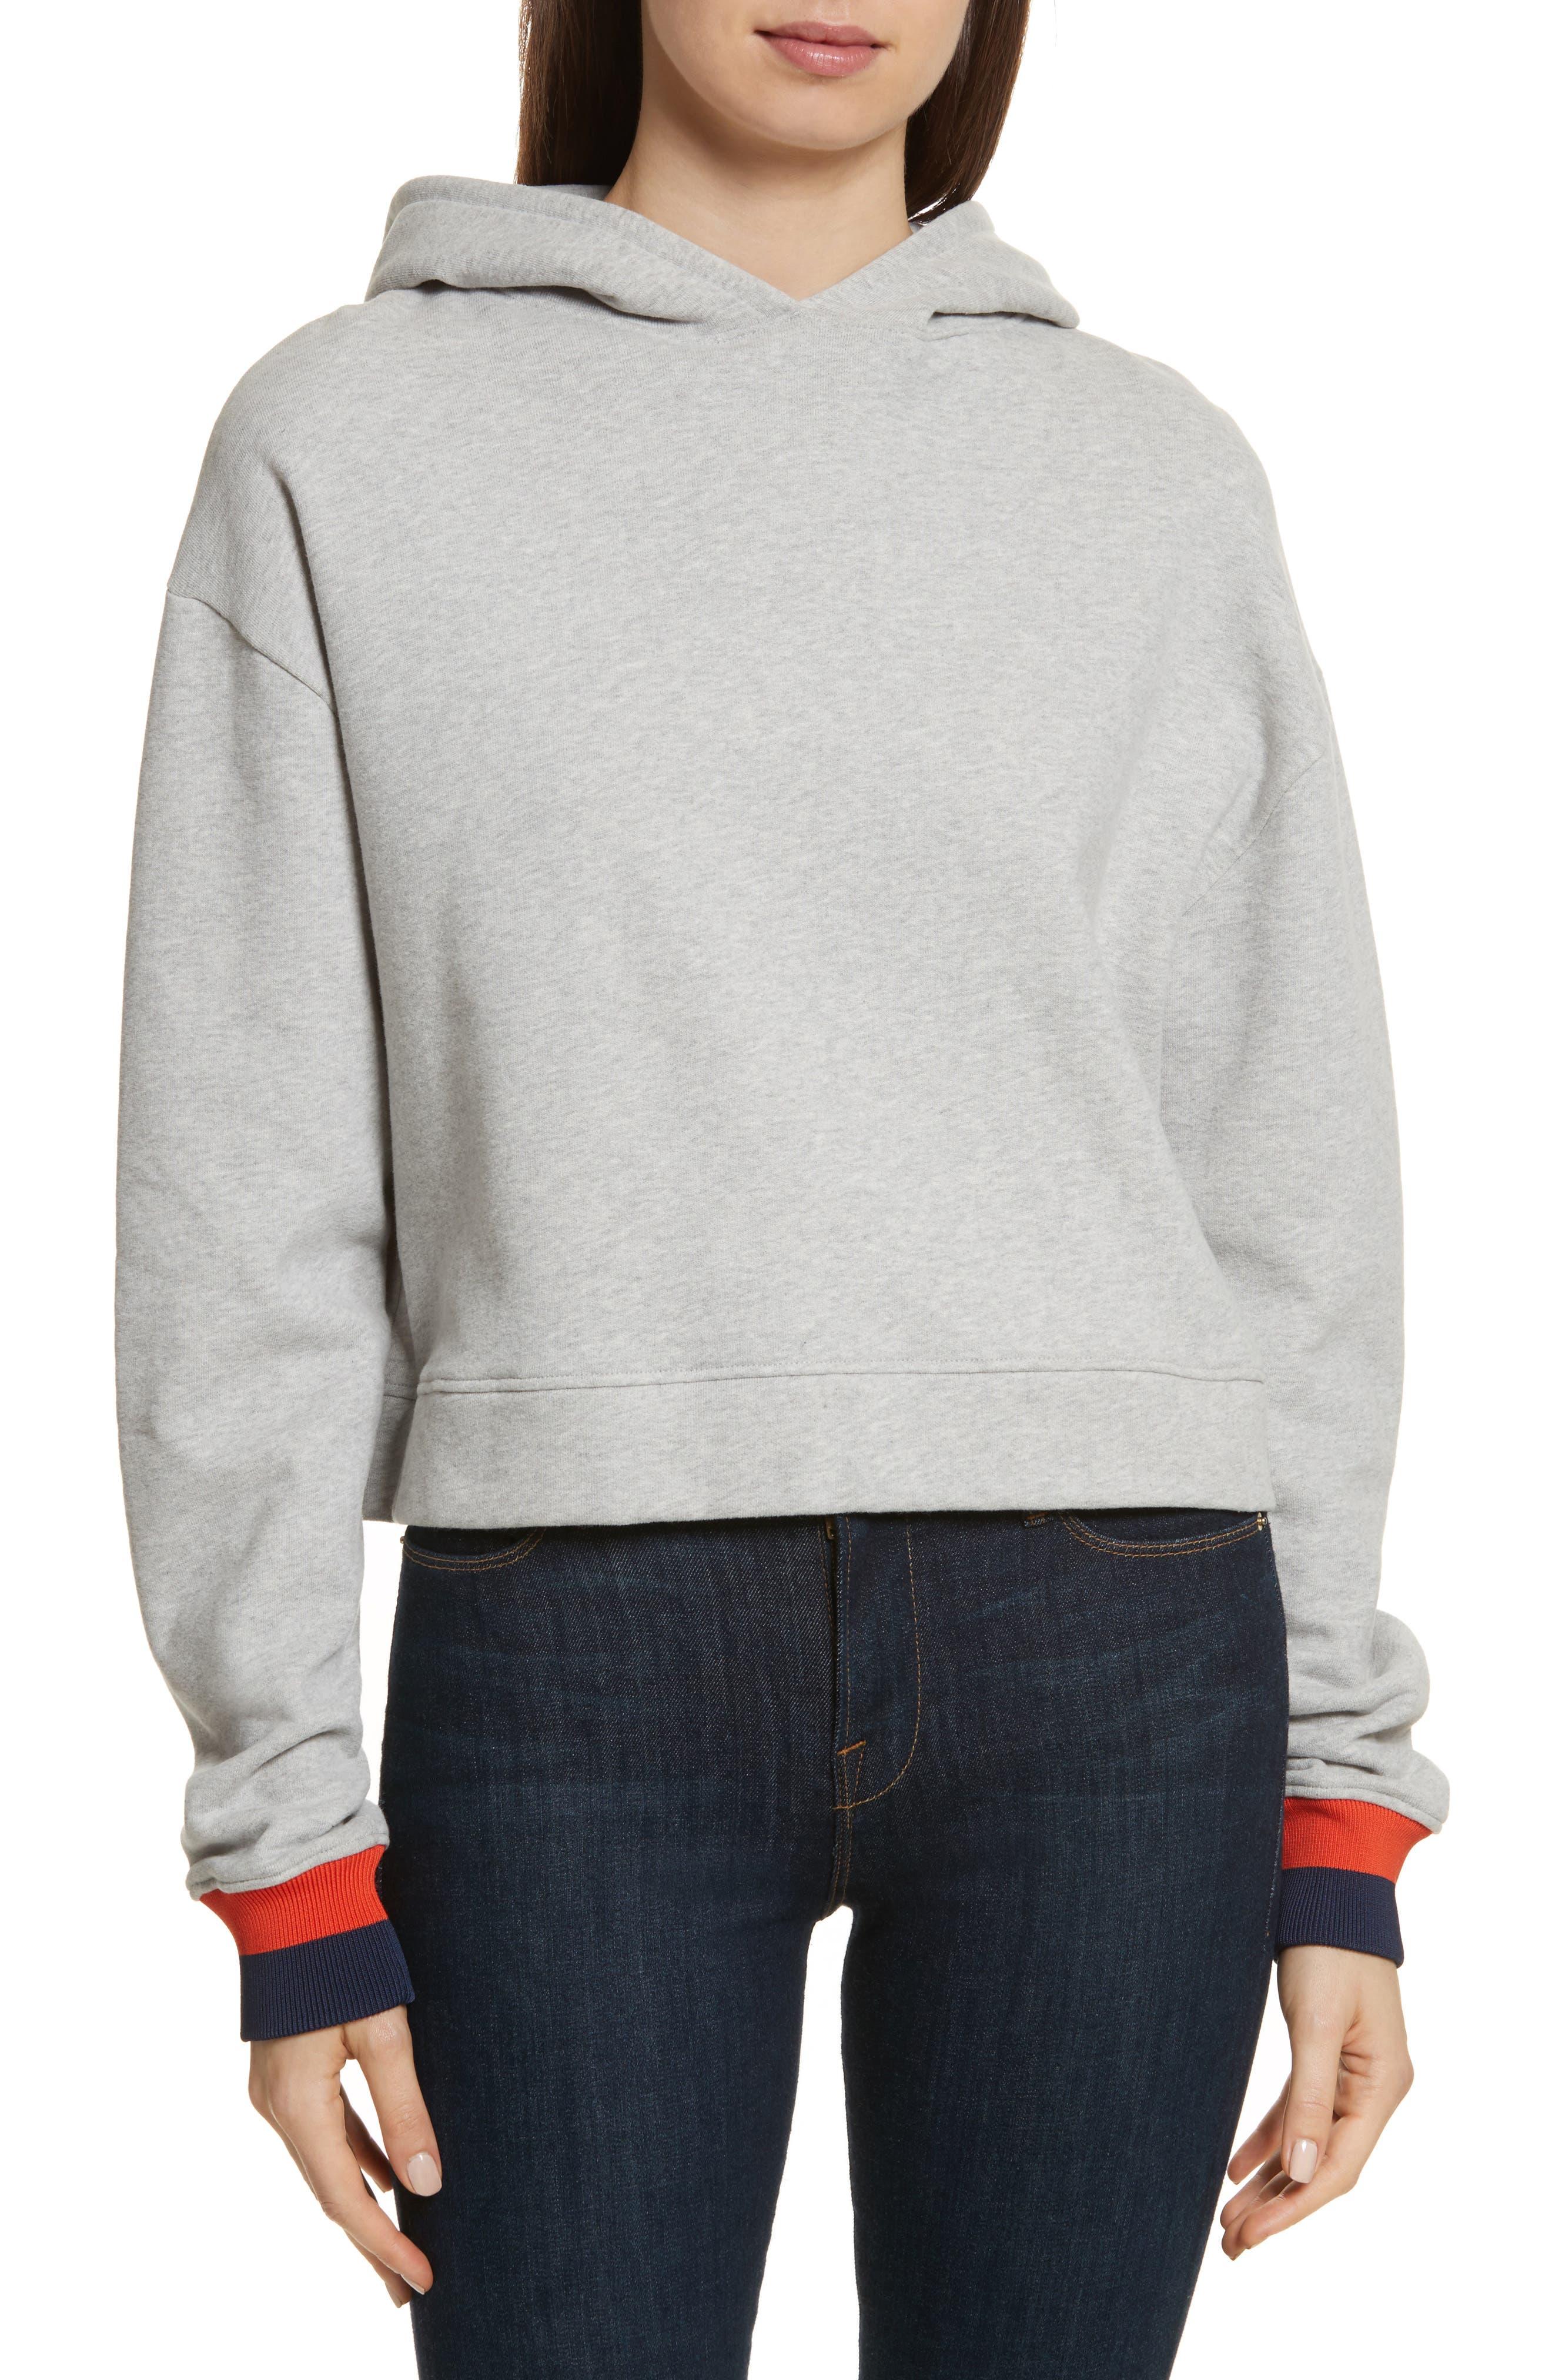 Main Image - Kule The Crosby Hooded Sweatshirt